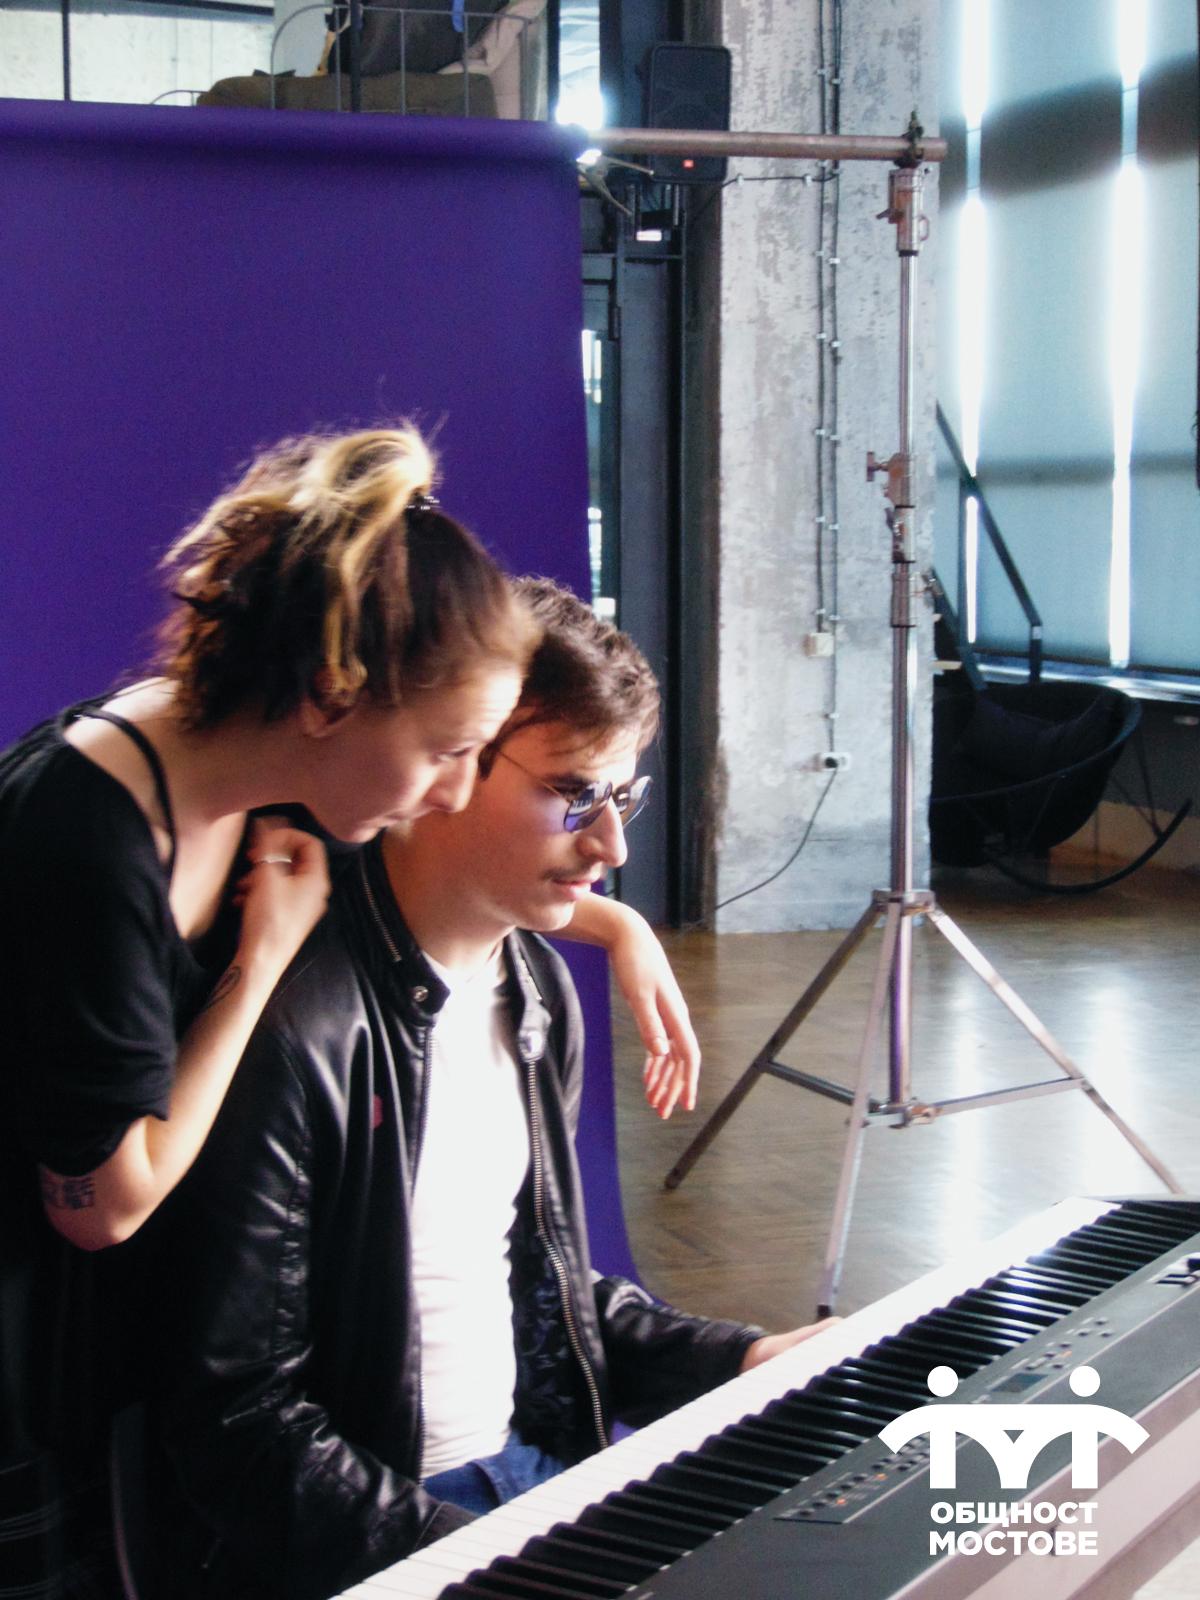 Част от снимачния ден. Почивка, в която Лъчезар е до пианото, а неговата сестра, която му е асистент го е прегърнала.